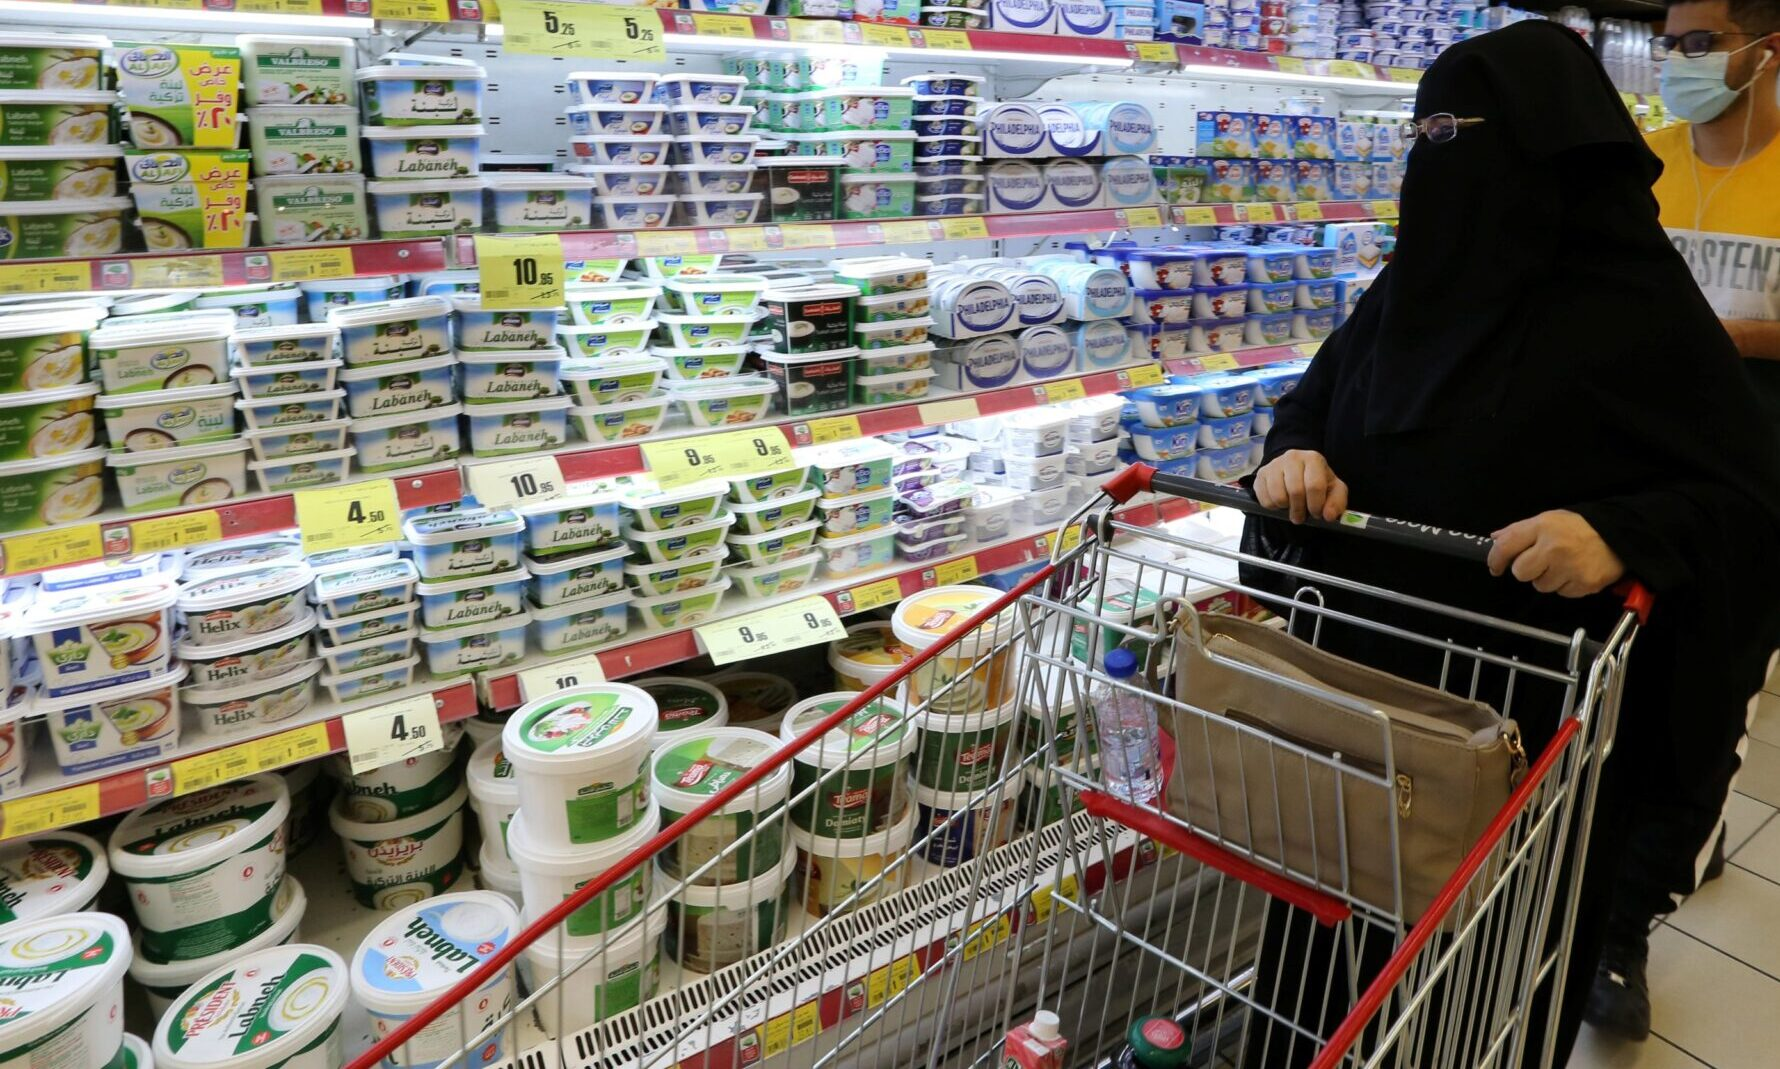 ΕΠΕΚΤΑΣΗ ΤΟΥ ΕΜΠΑΡΓΚΟ: Η Σαουδική Αραβία επεκτείνει το εμπάργκο στα Τουρκικά προϊόντα